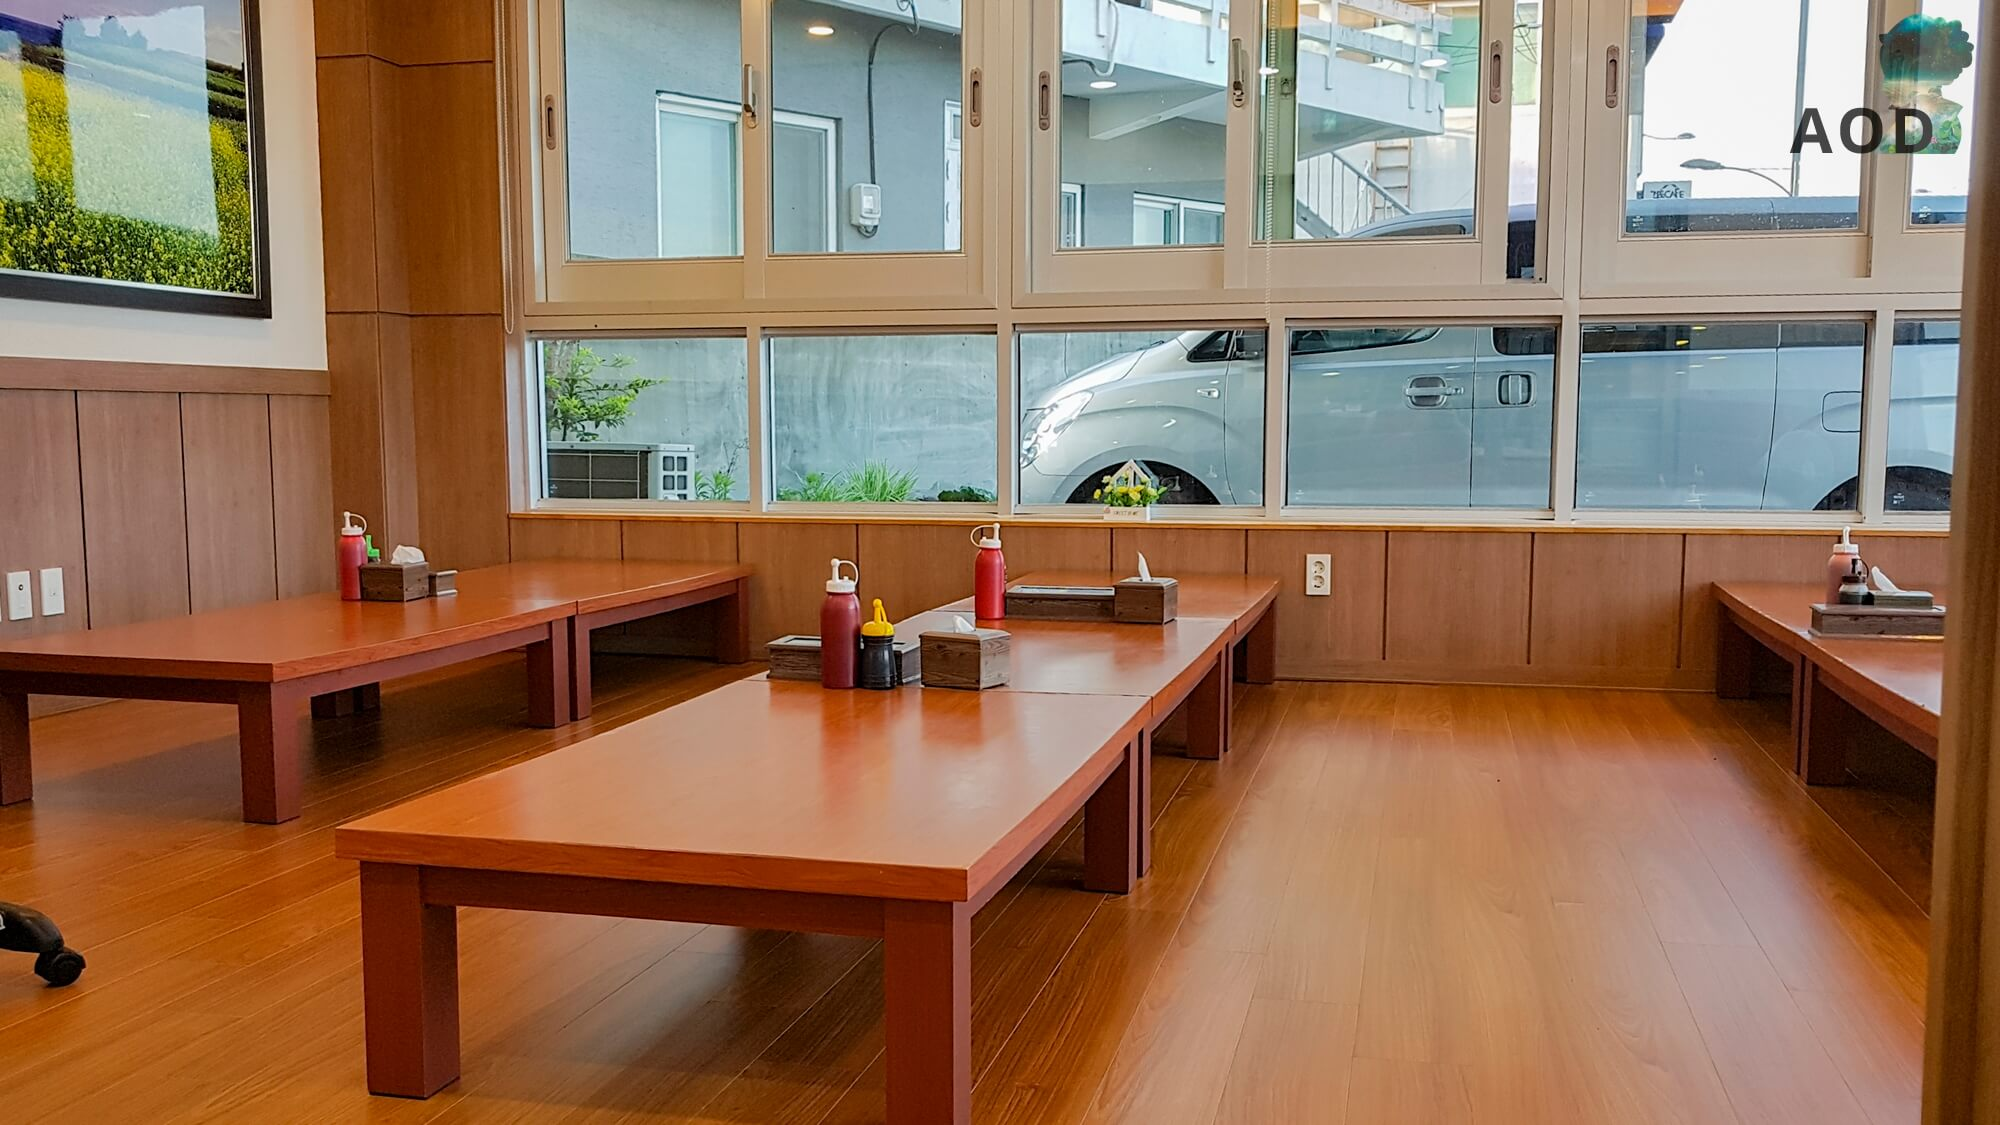 Koreanische Ess- und Tischsitten - niedrige Tische